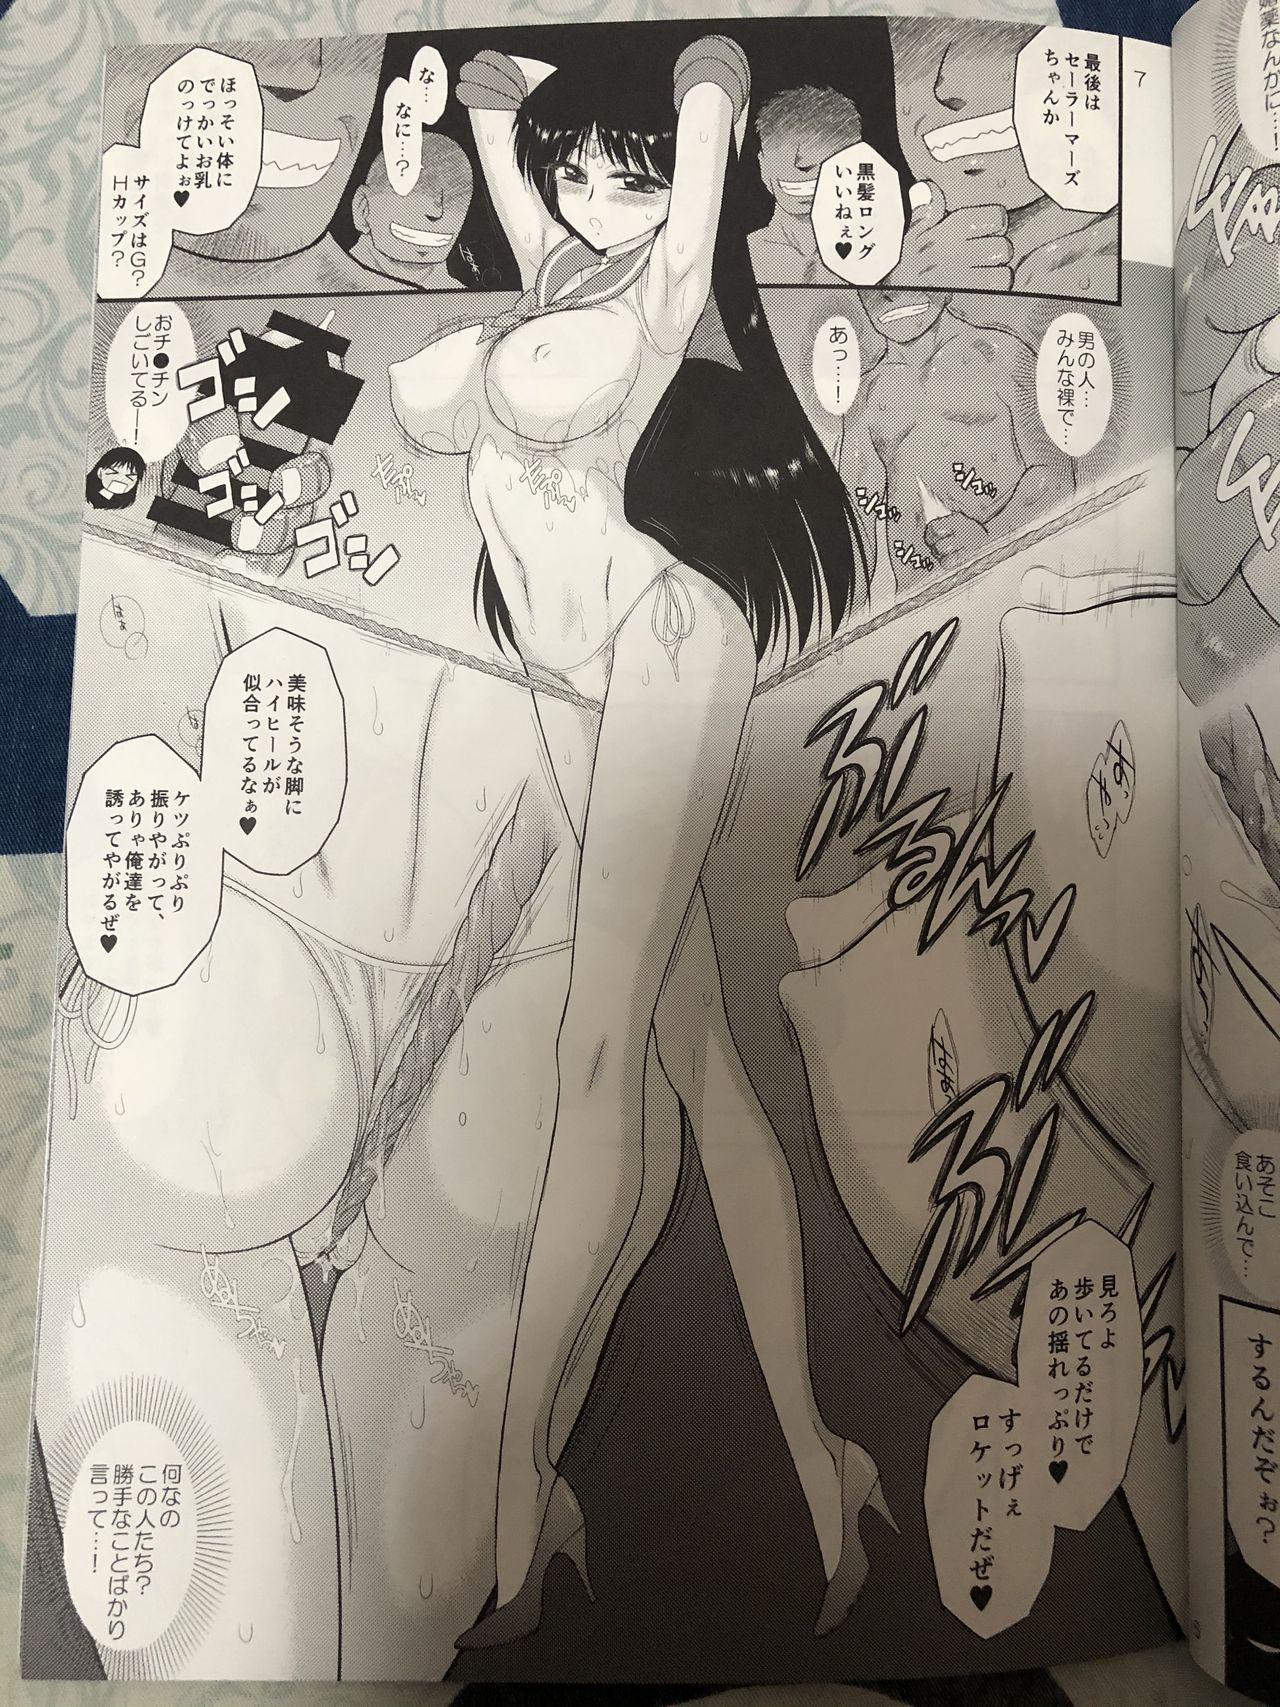 Bisoku Zenshin 5